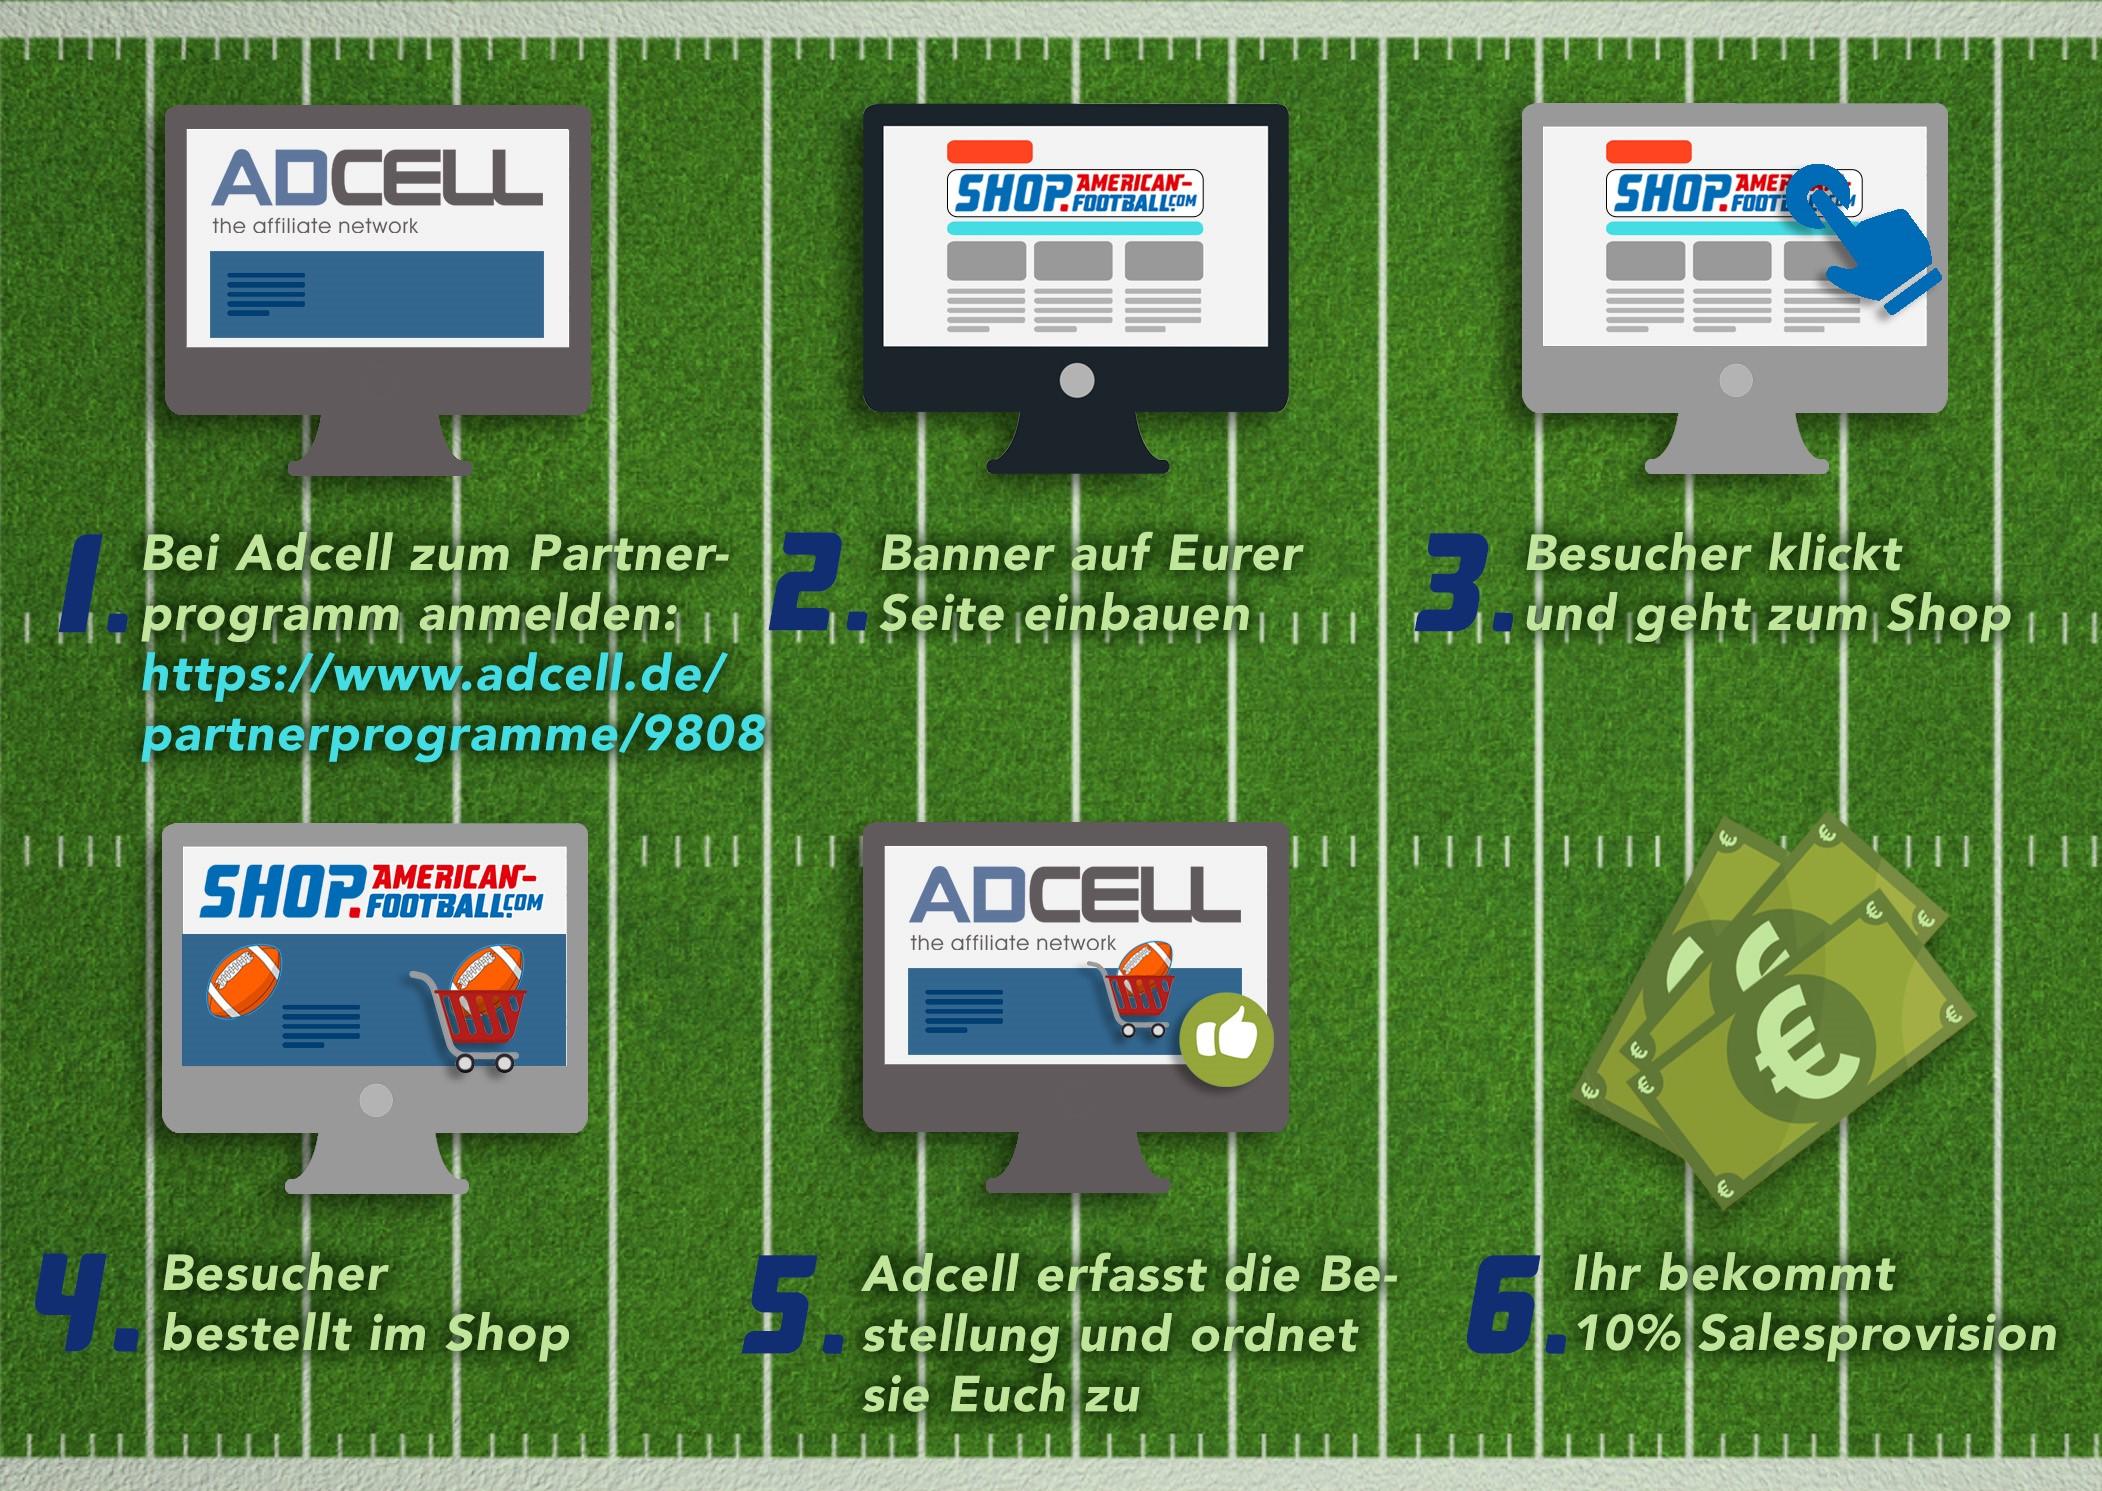 So einfach funktioniert das Partnerporgramm mit Adcell und shop.american-football.com